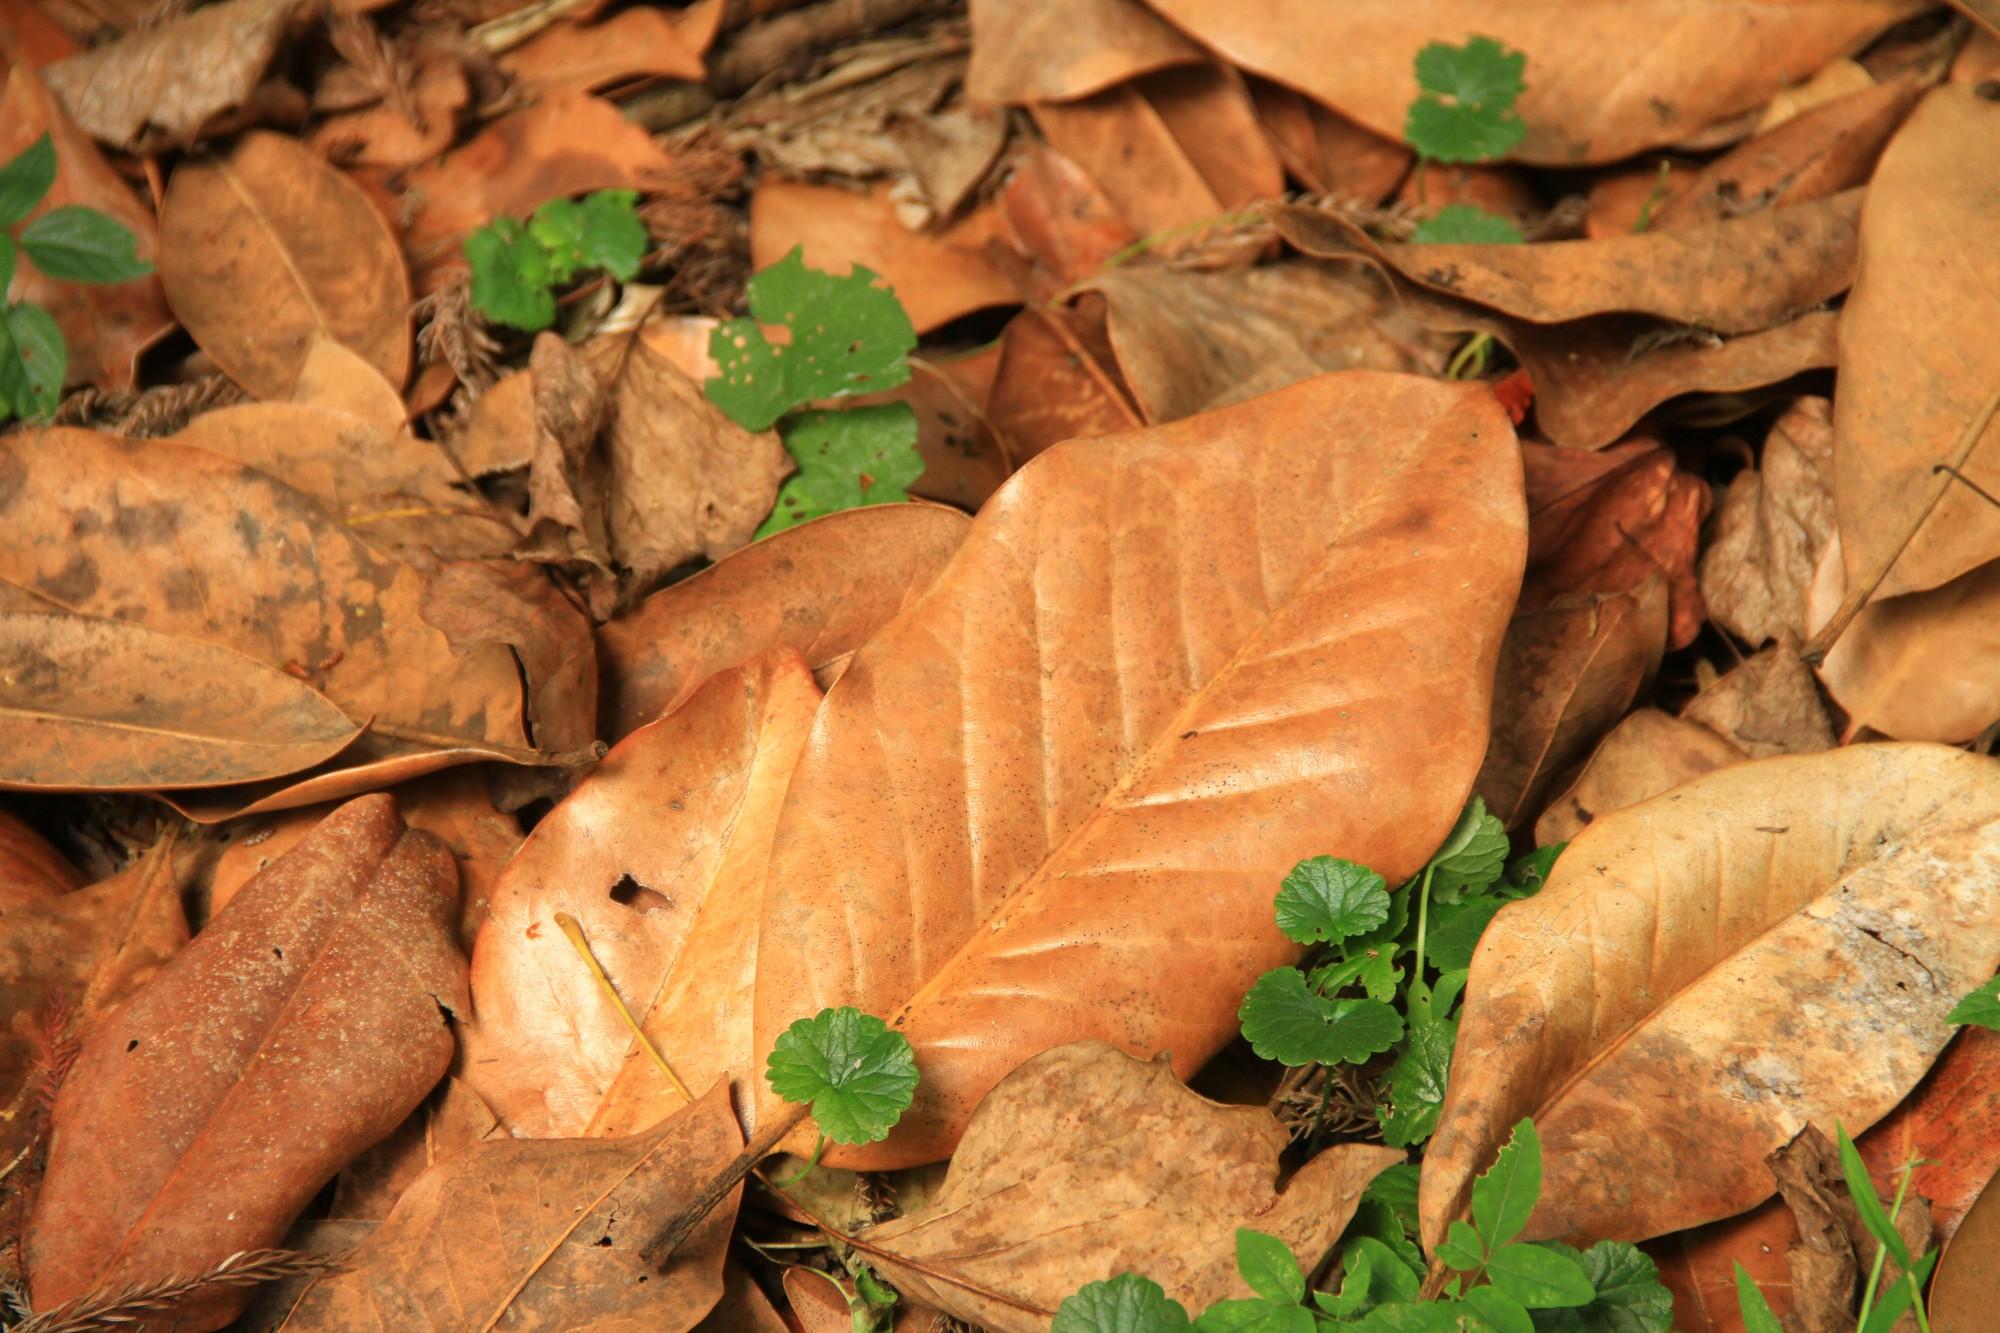 Мёртвый лист. Очень похож на лист магнолии.